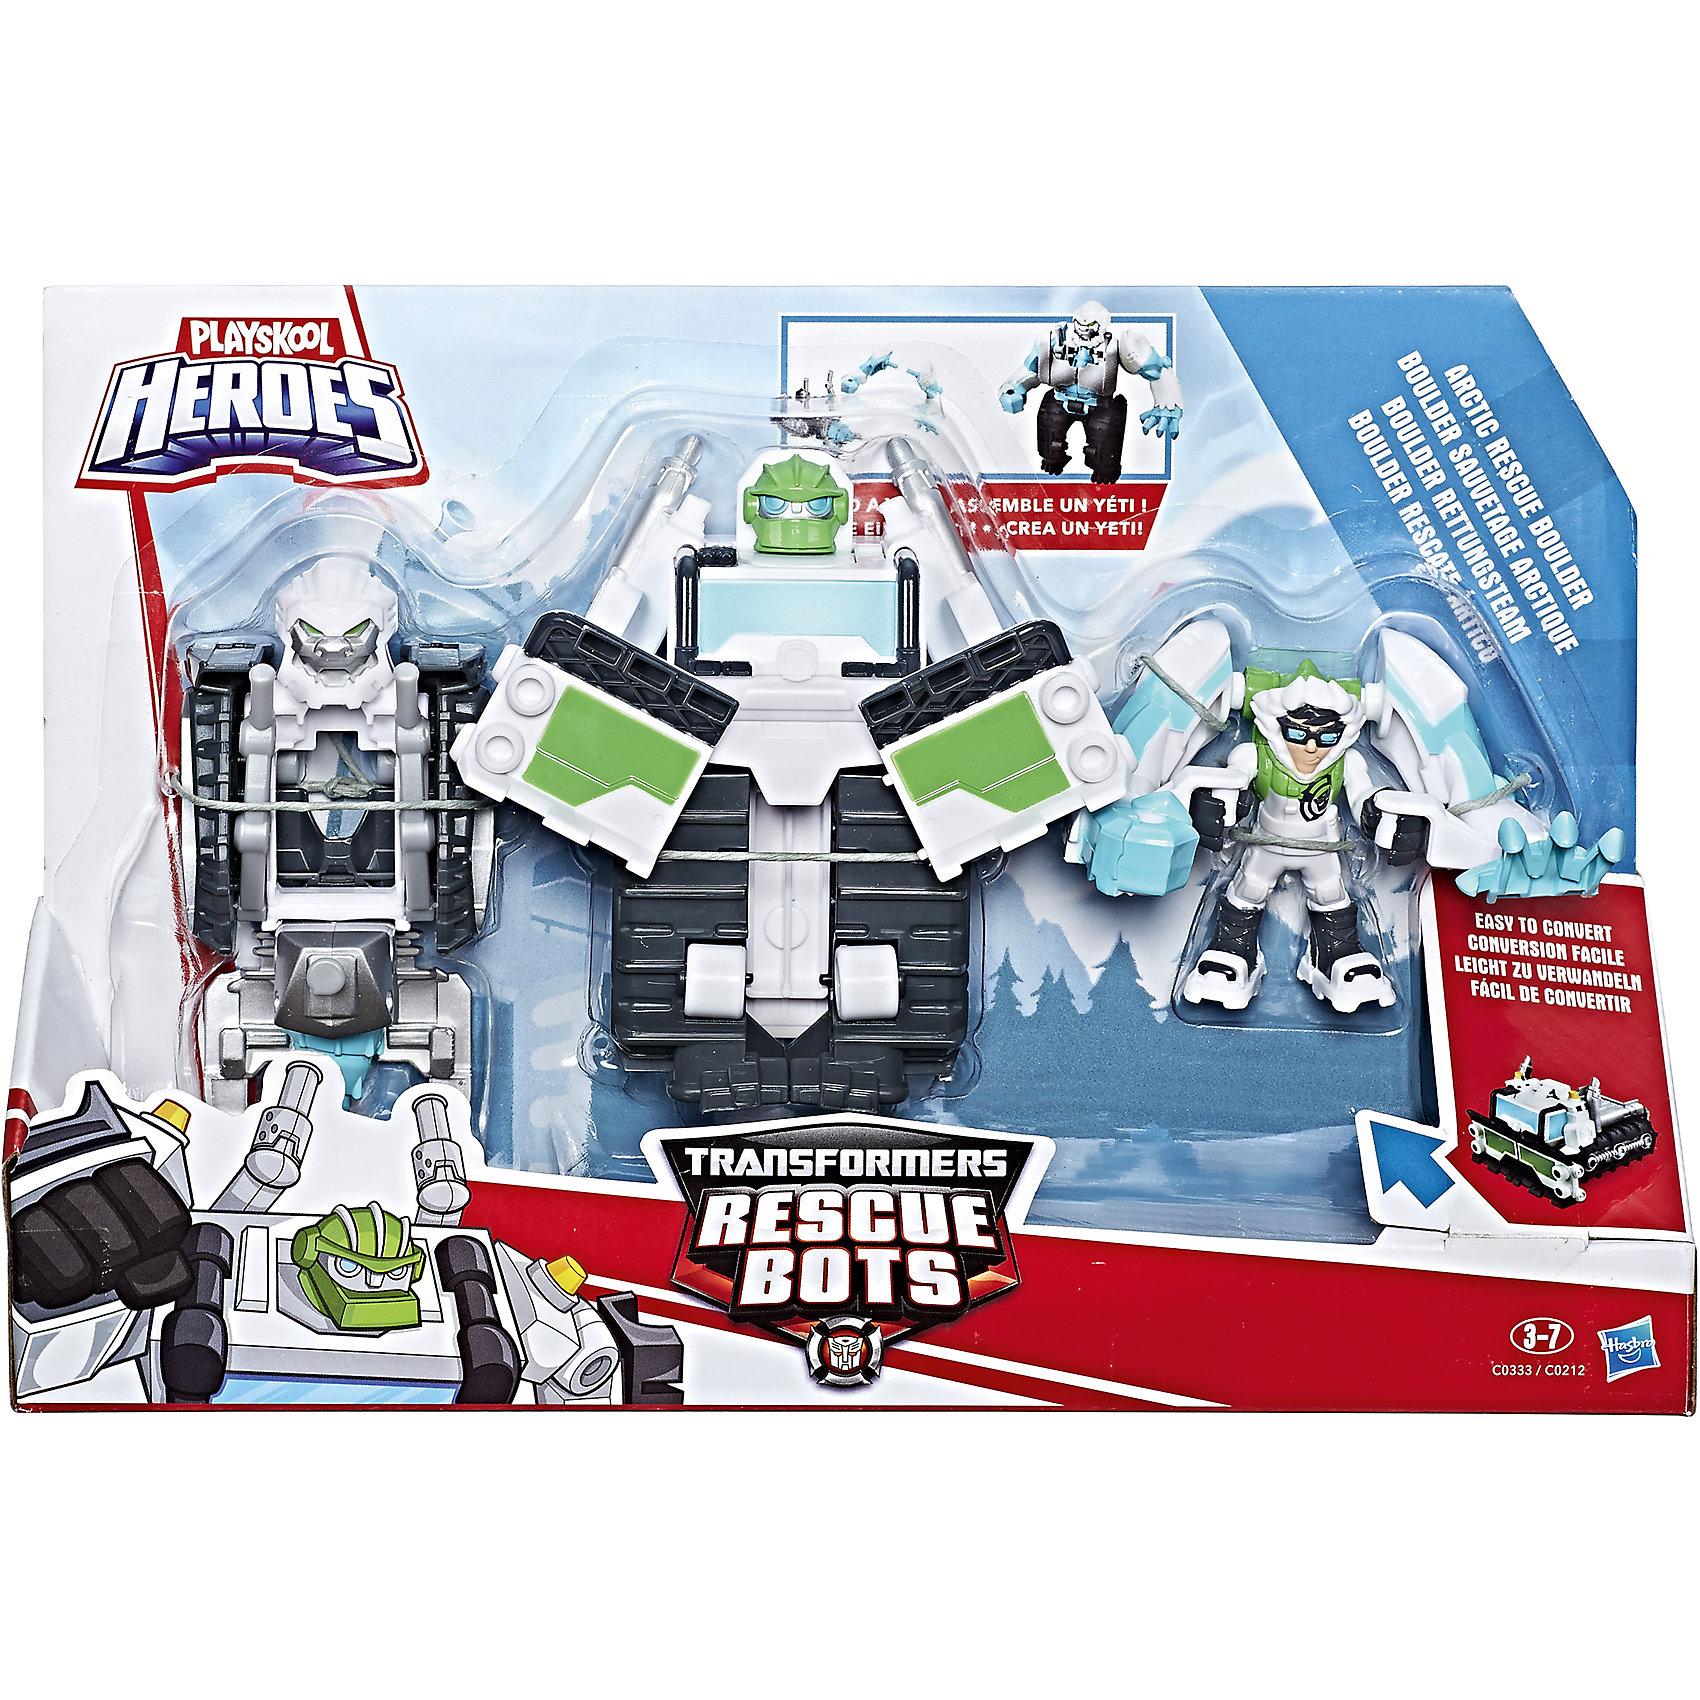 Набор фигурок Hasbro PLAYSKOOL Трансформеры-спасателиЛюбимые герои<br>Набор фигурок спасателей из мультсериала Трансформеры: Роботы-Спасатели. В комлекте робот-трансформер, а так же фигурка человека.<br><br>Ширина мм: 67<br>Глубина мм: 305<br>Высота мм: 203<br>Вес г: 109<br>Возраст от месяцев: 36<br>Возраст до месяцев: 2147483647<br>Пол: Мужской<br>Возраст: Детский<br>SKU: 7009398